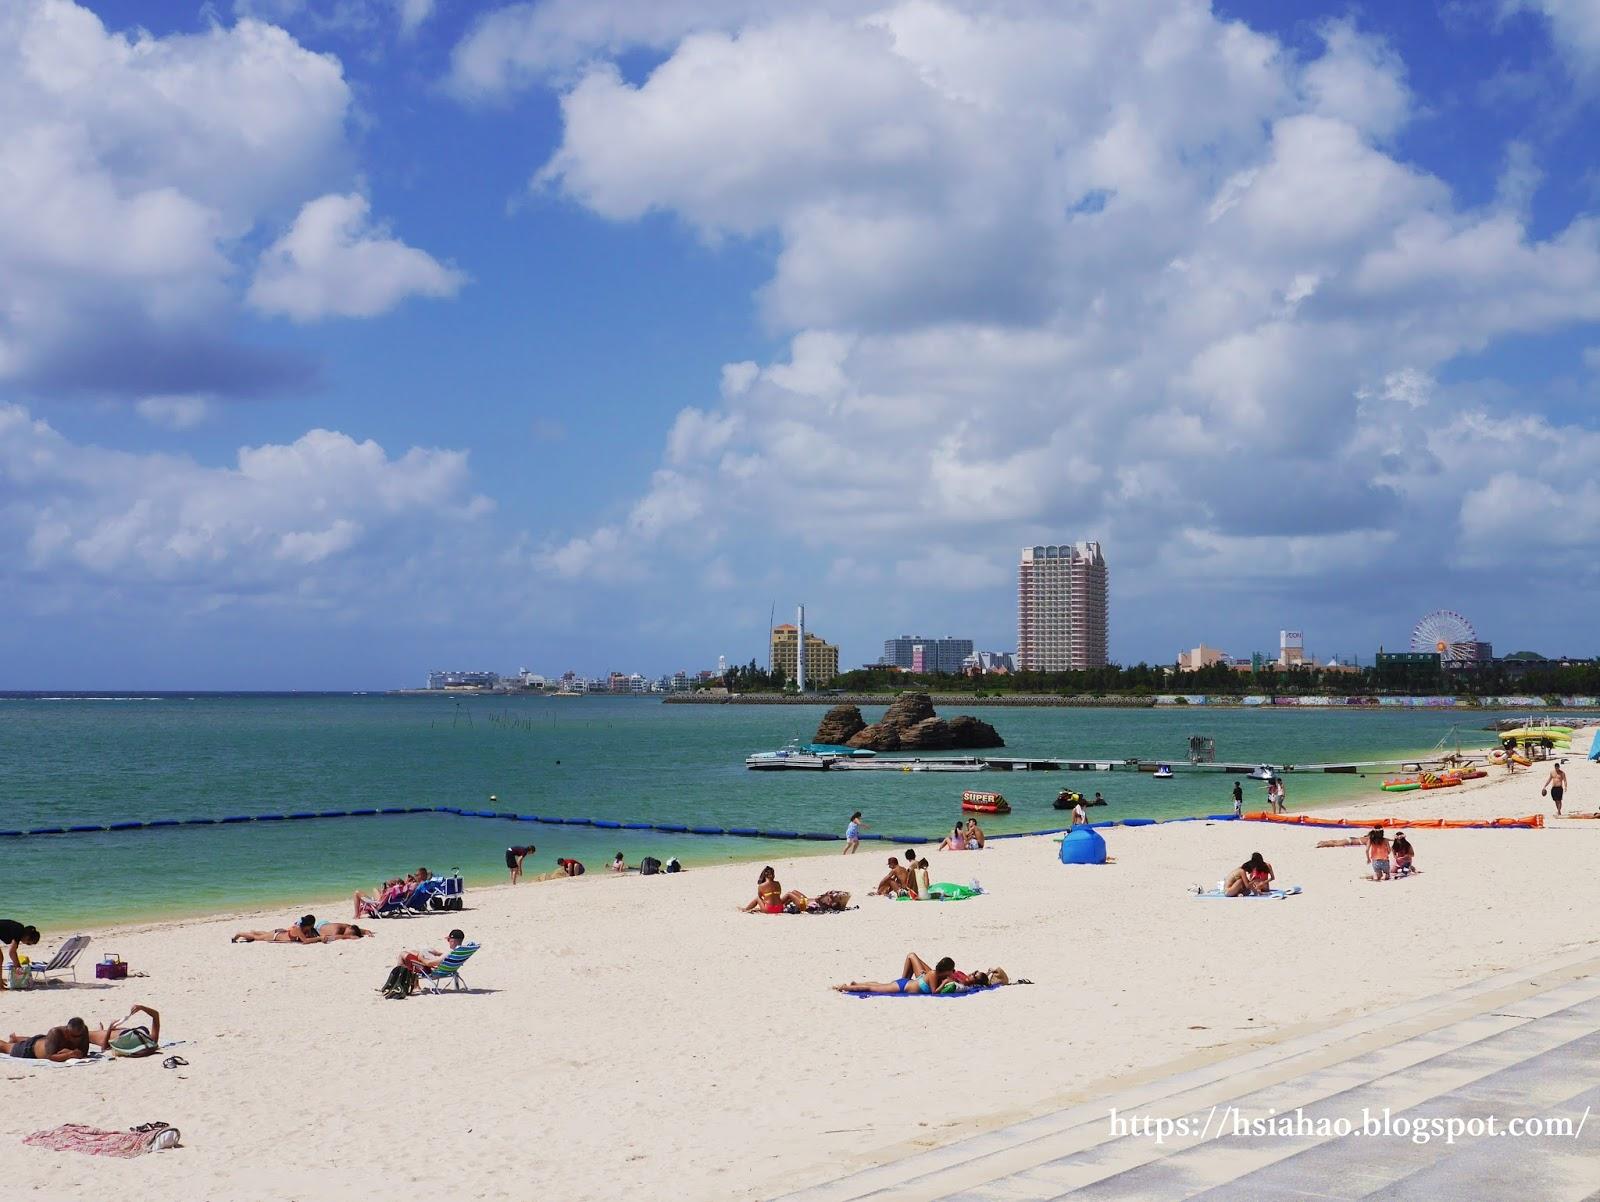 沖繩-美國村景點-推薦-安良波公園-Araha-Park-海灘-Beach-自由行-旅遊-Okinawa